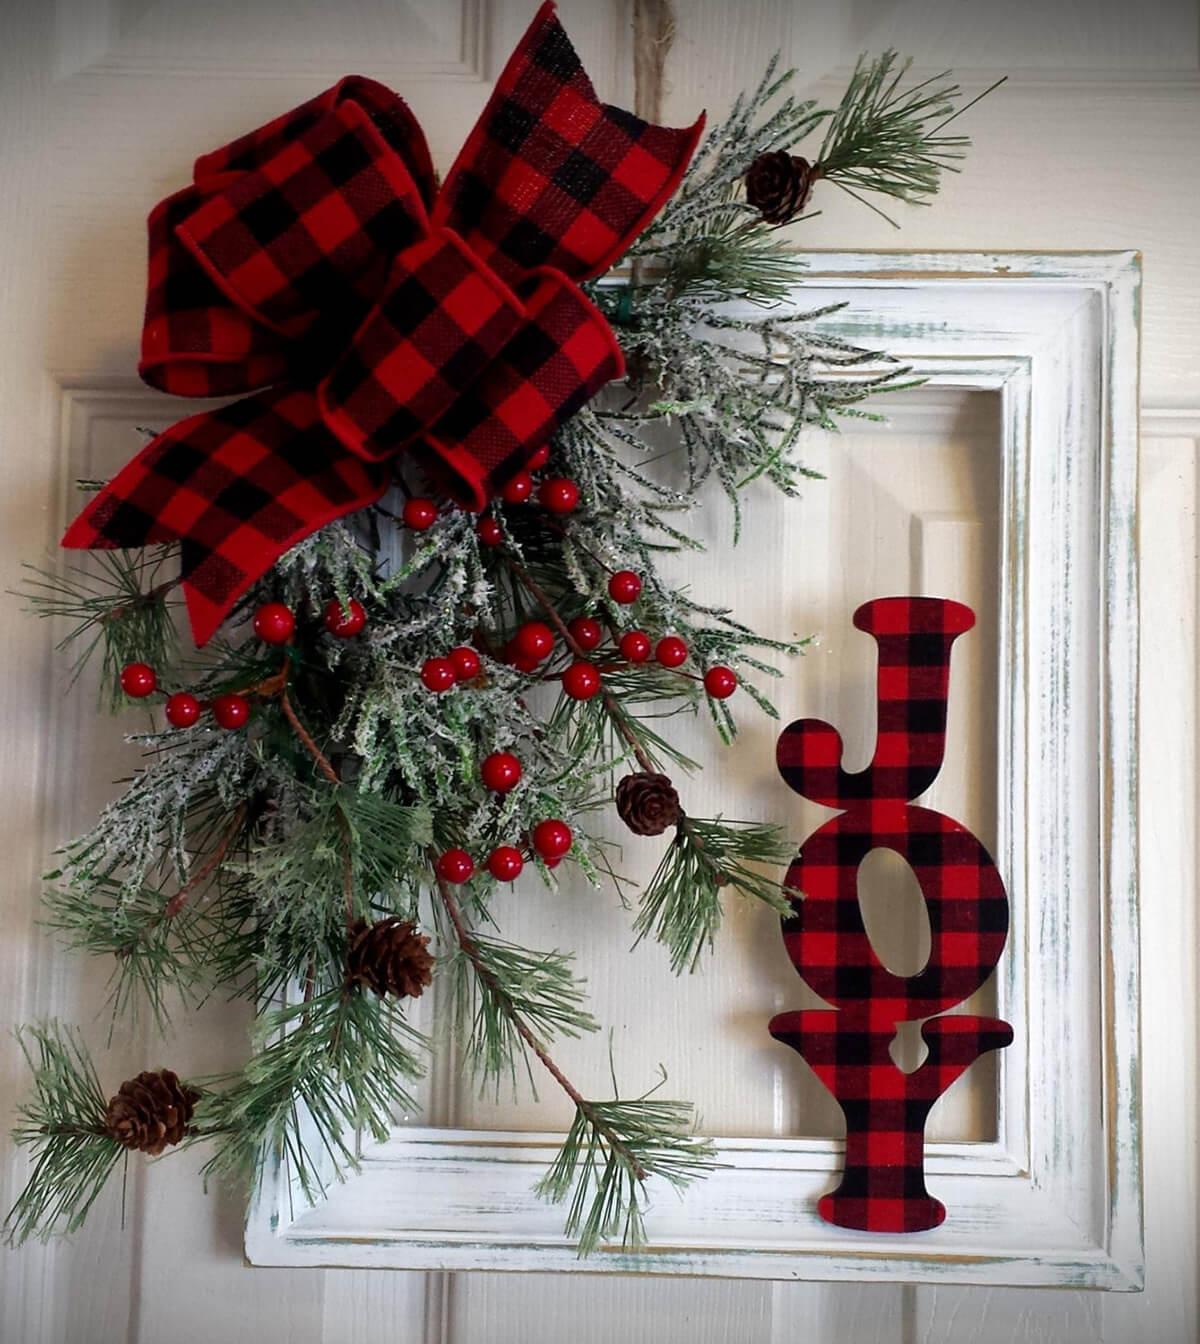 Christmas Wreath Ideas.36 Best Christmas Wreath Ideas And Designs For 2019